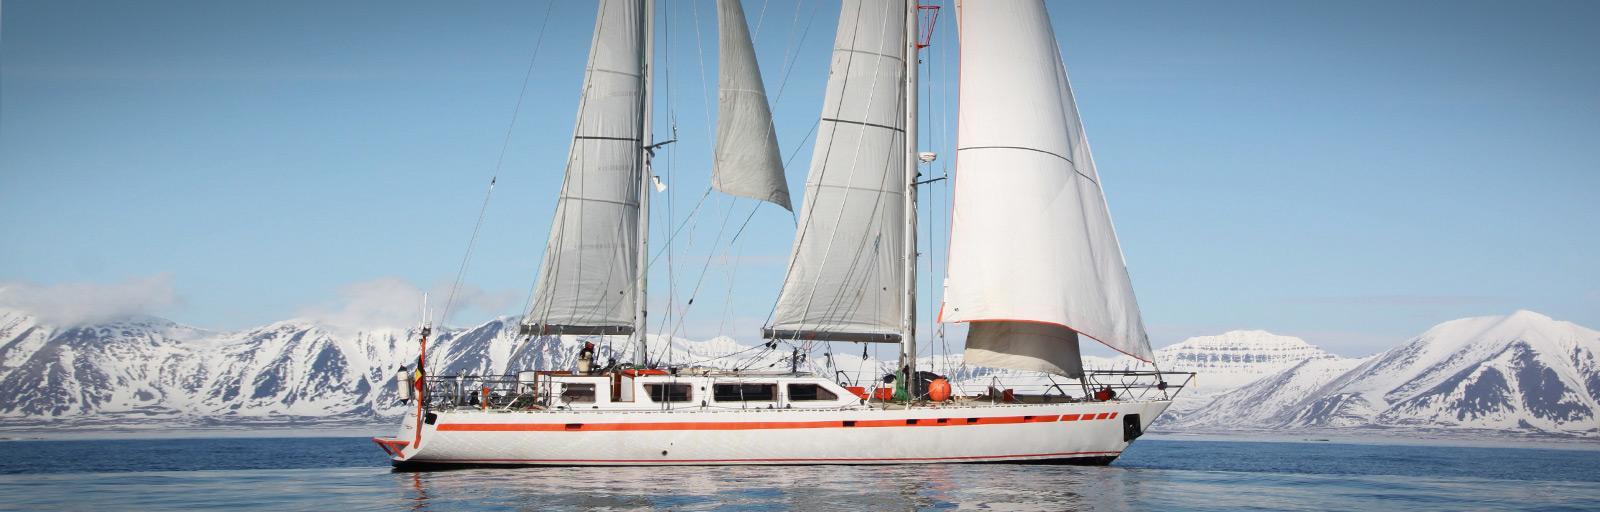 CCYD 75' - AYC Yachtbroker